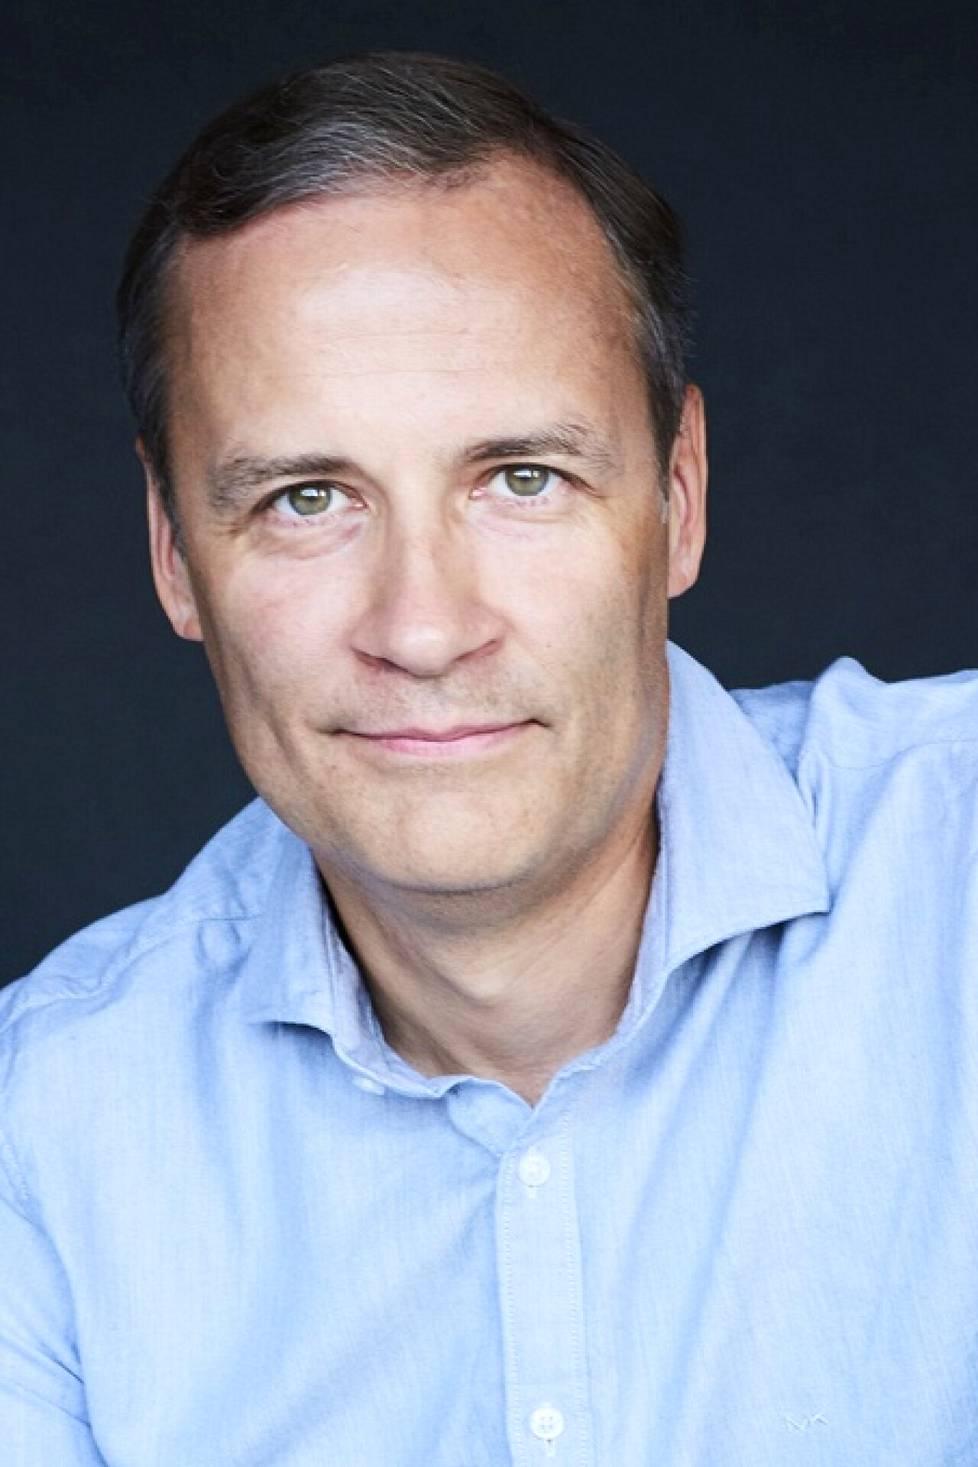 Metsä Springin toimitusjohtaja Niklas von Weymarn.